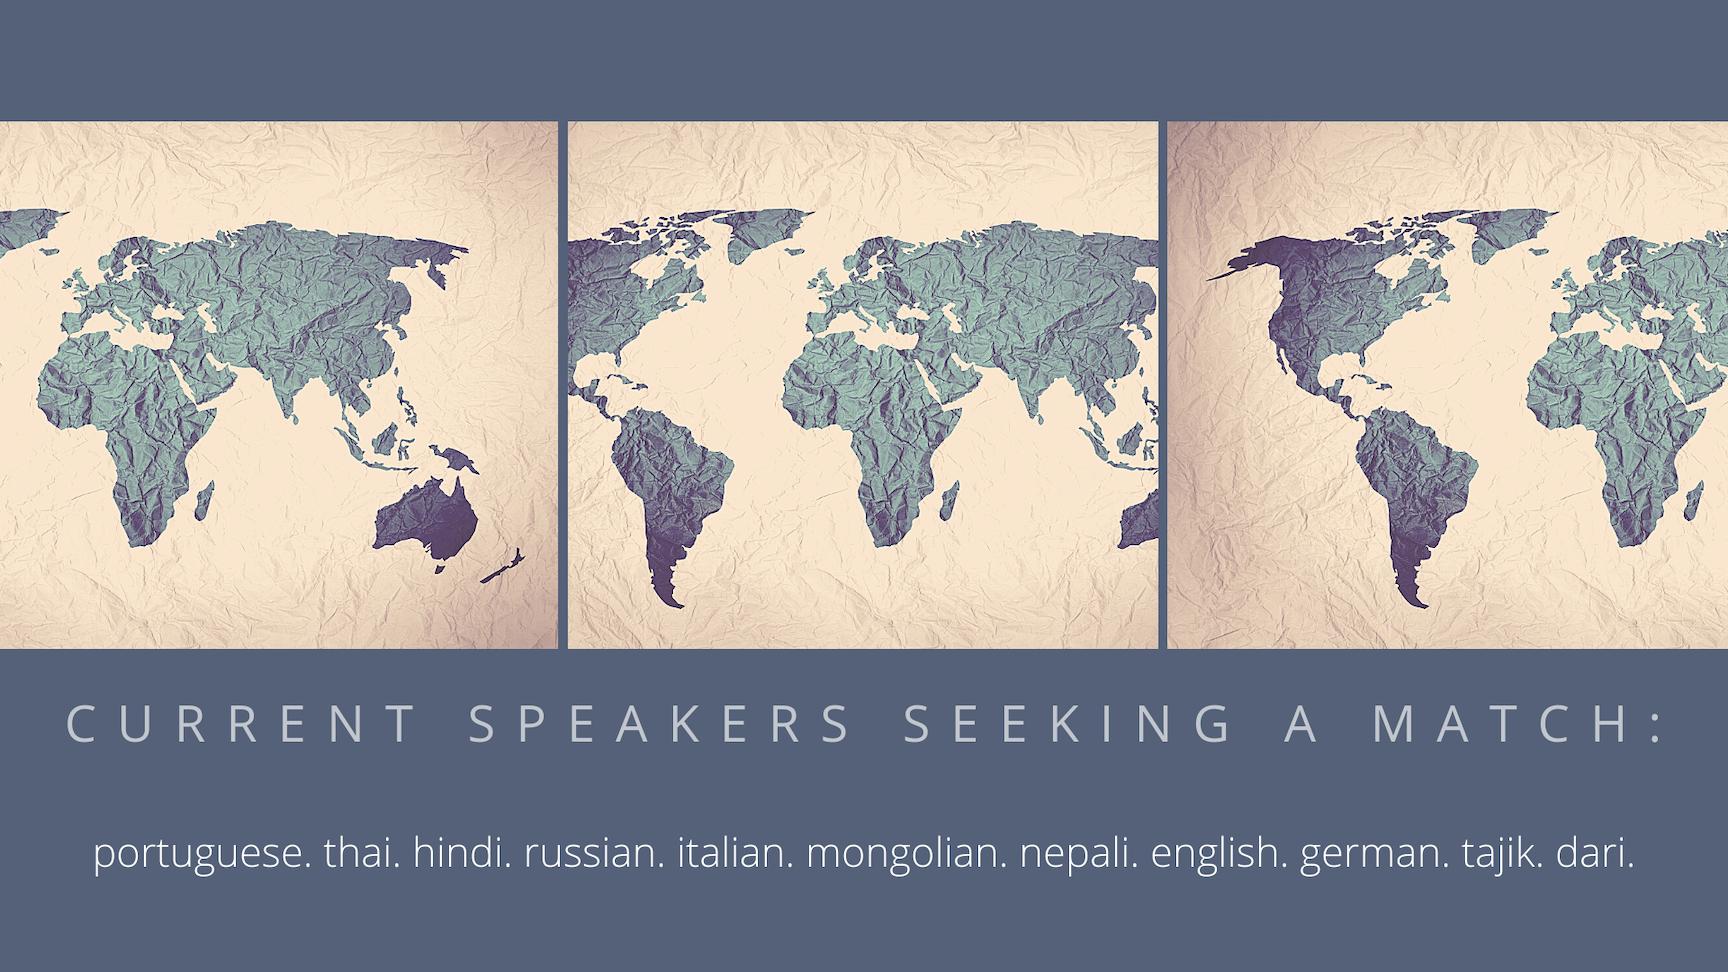 Current speakers seeking a match (1)